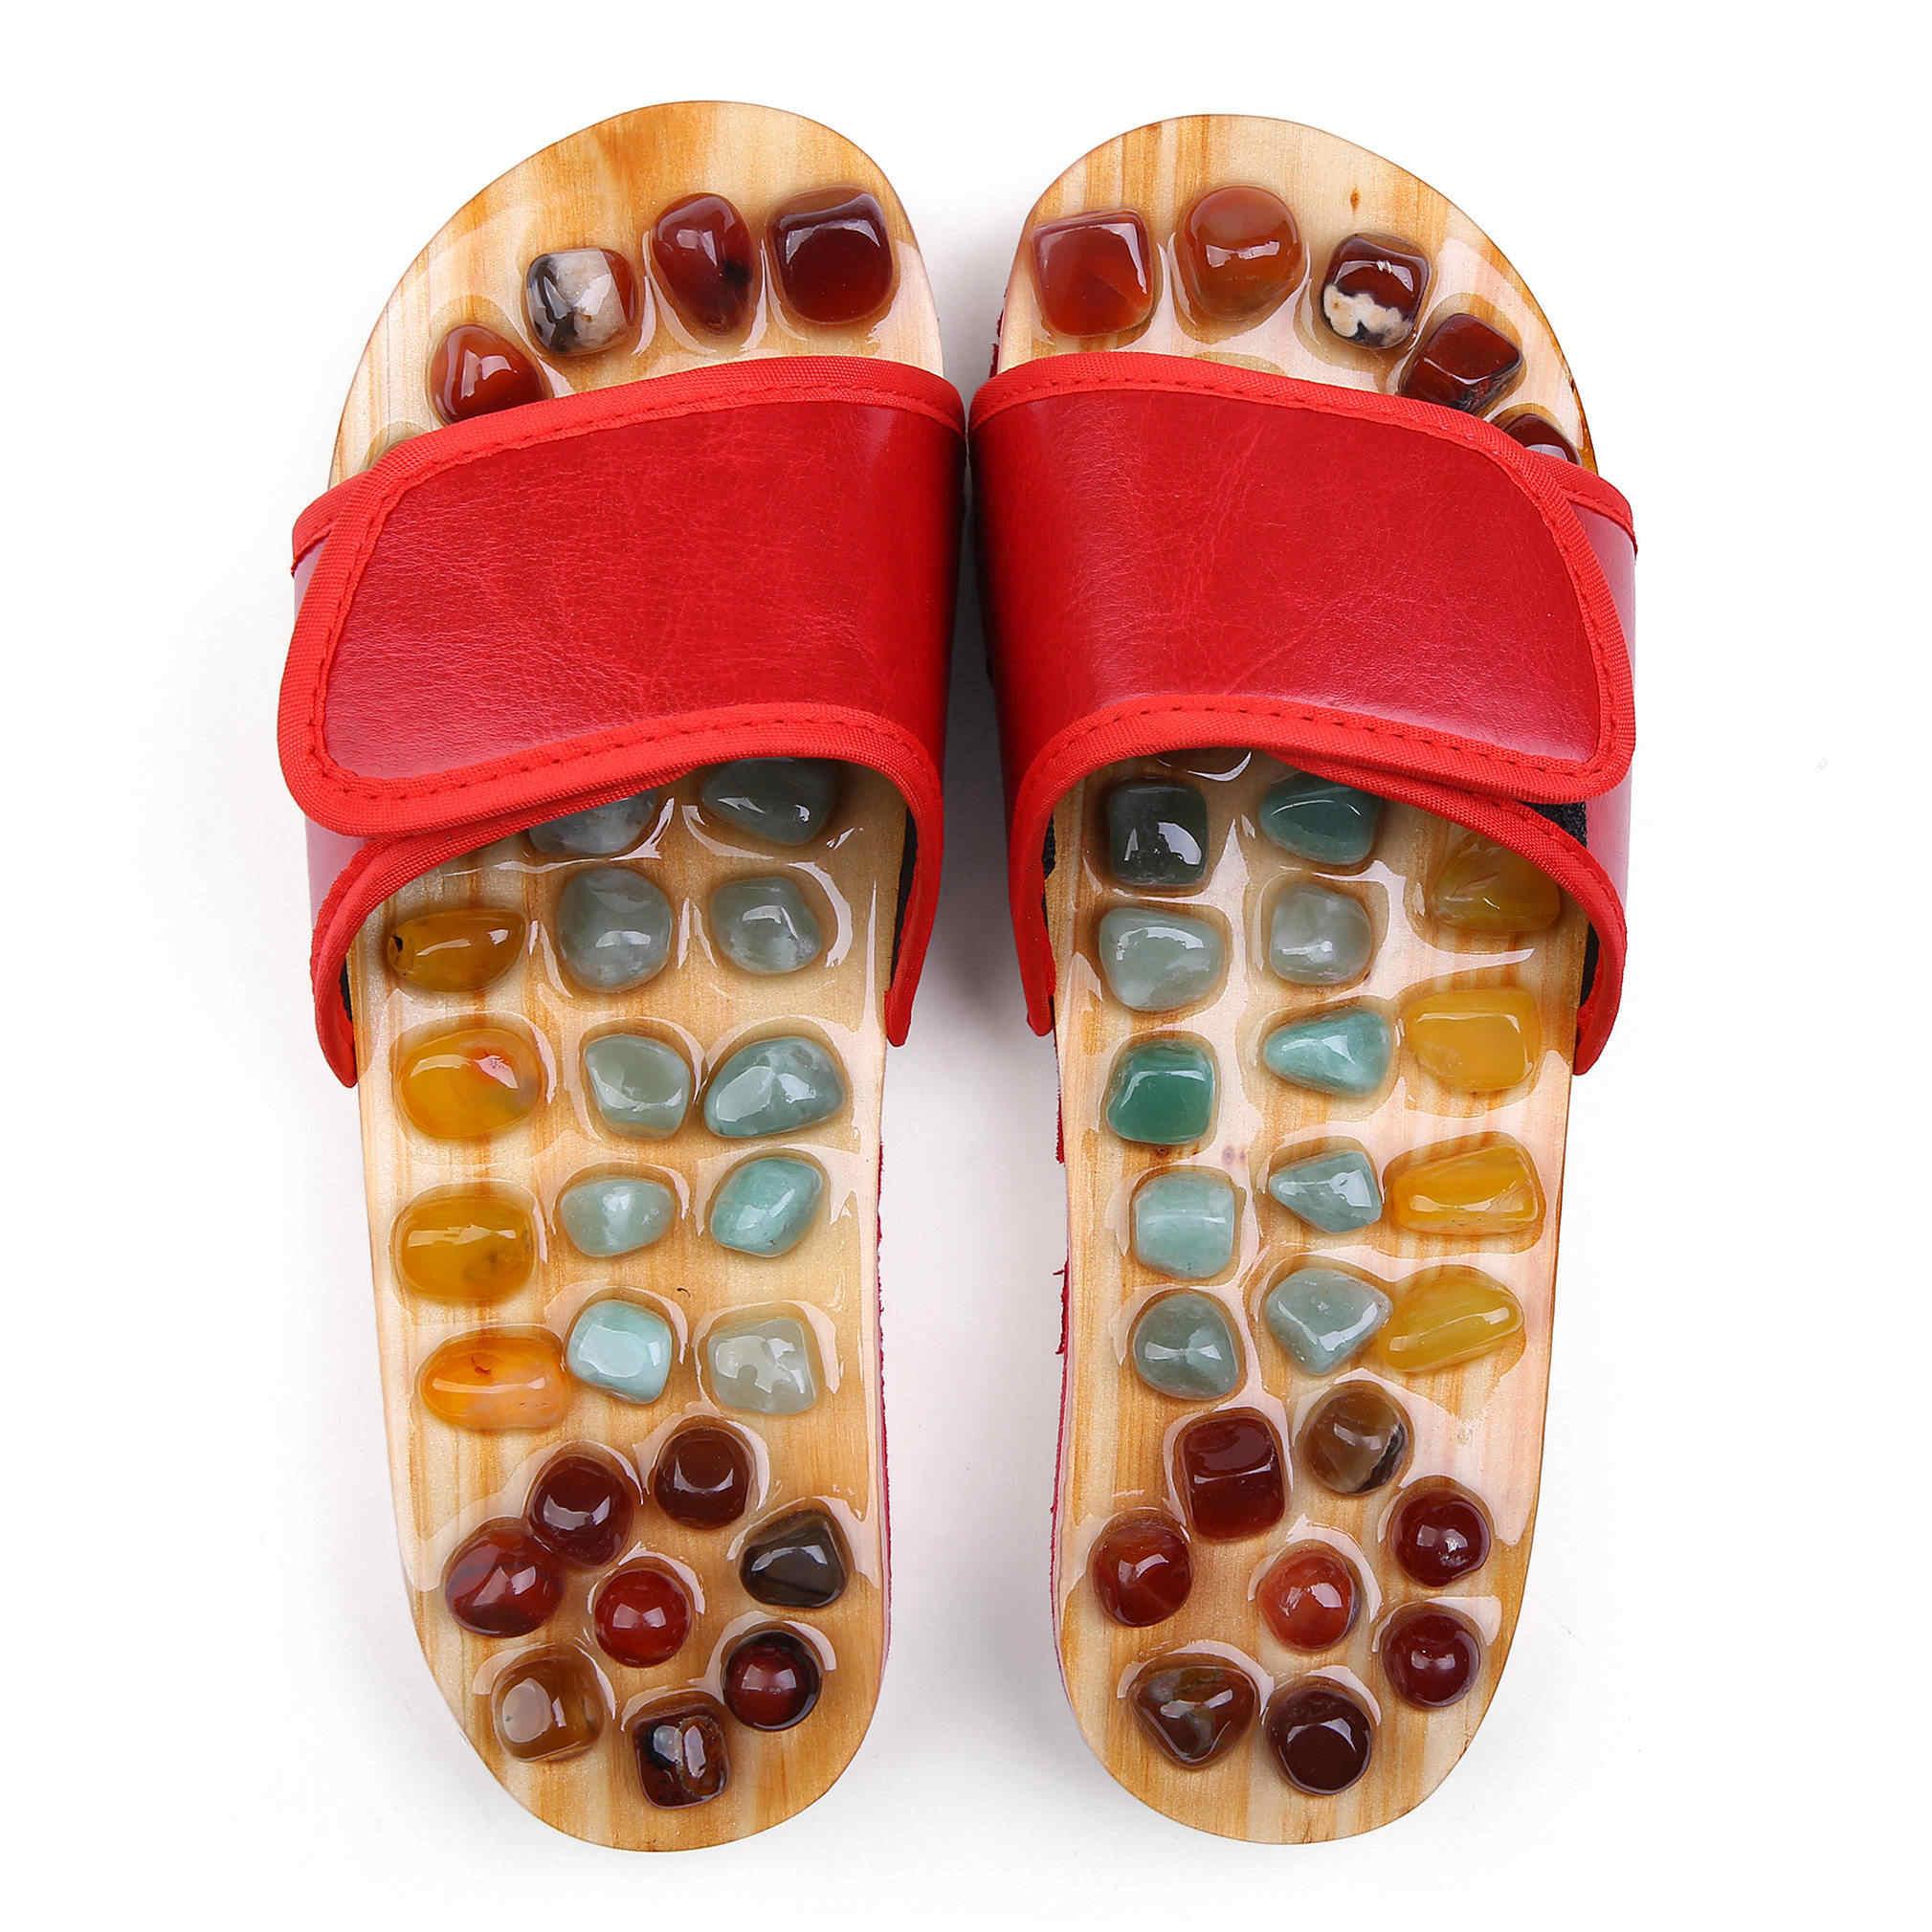 居家鹅卵石按摩拖鞋足底穴位足疗鞋男防滑家用家居凉拖鞋女夏室内